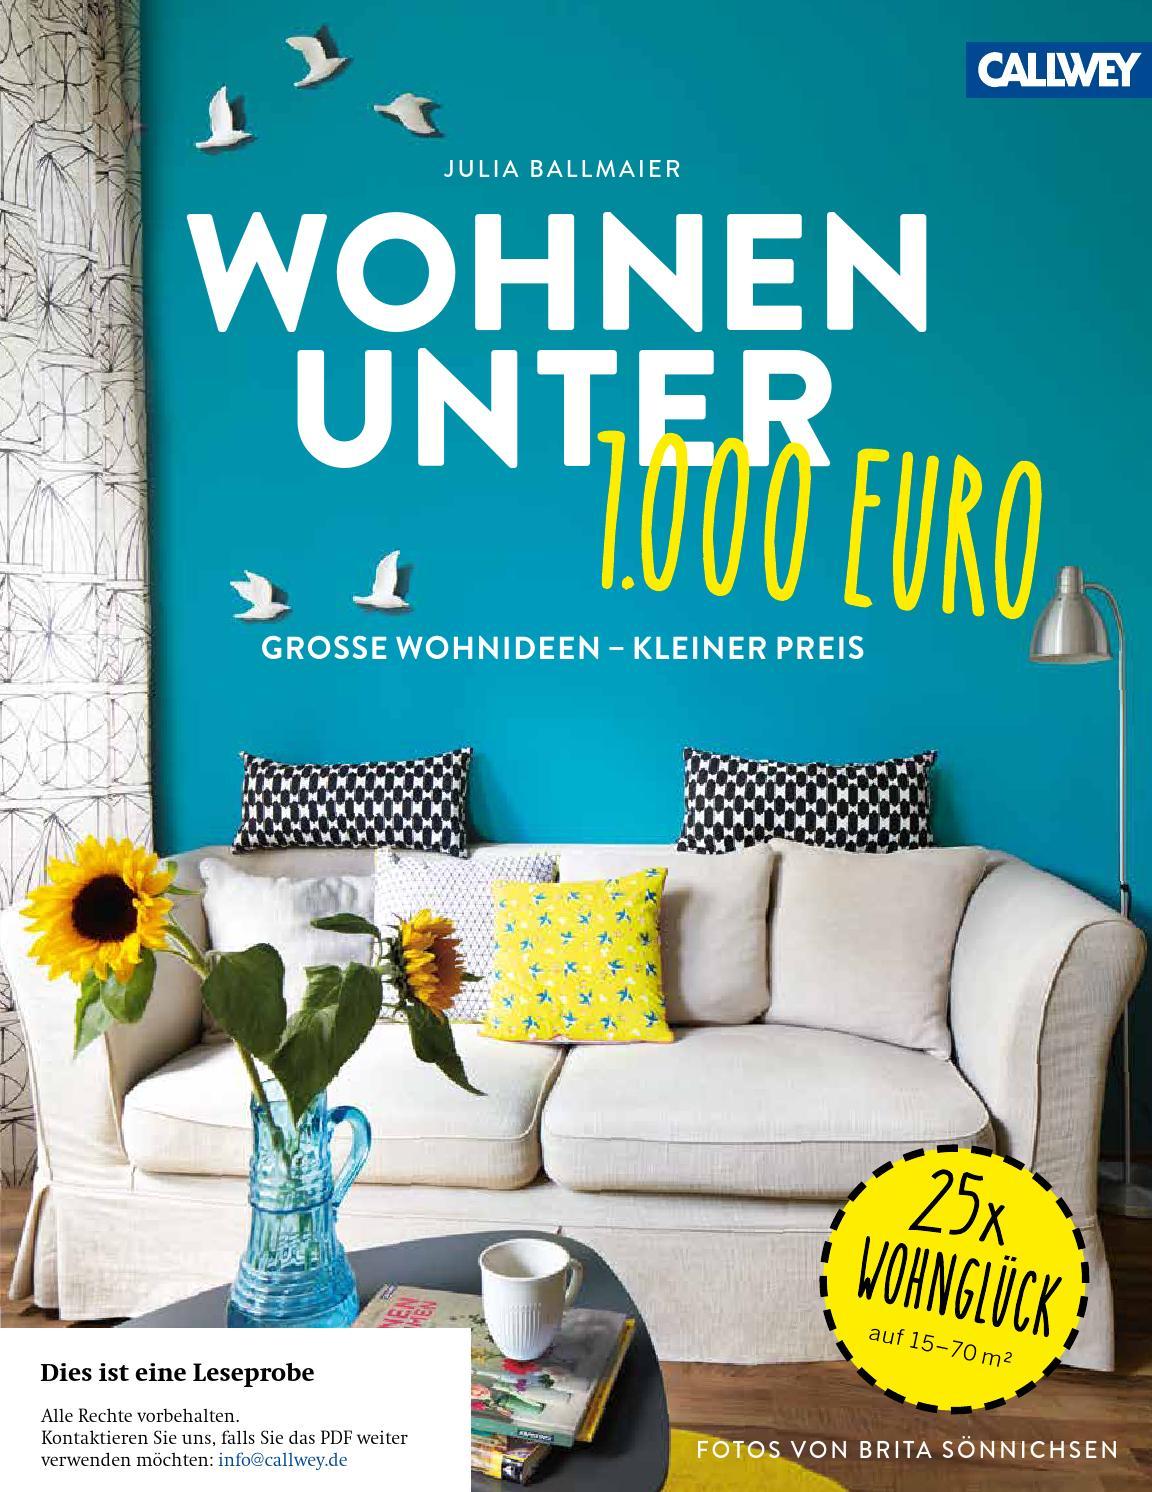 wohnen unter 1000 euro   callwey wohnbuch - Wohnideen In Beigeweiss